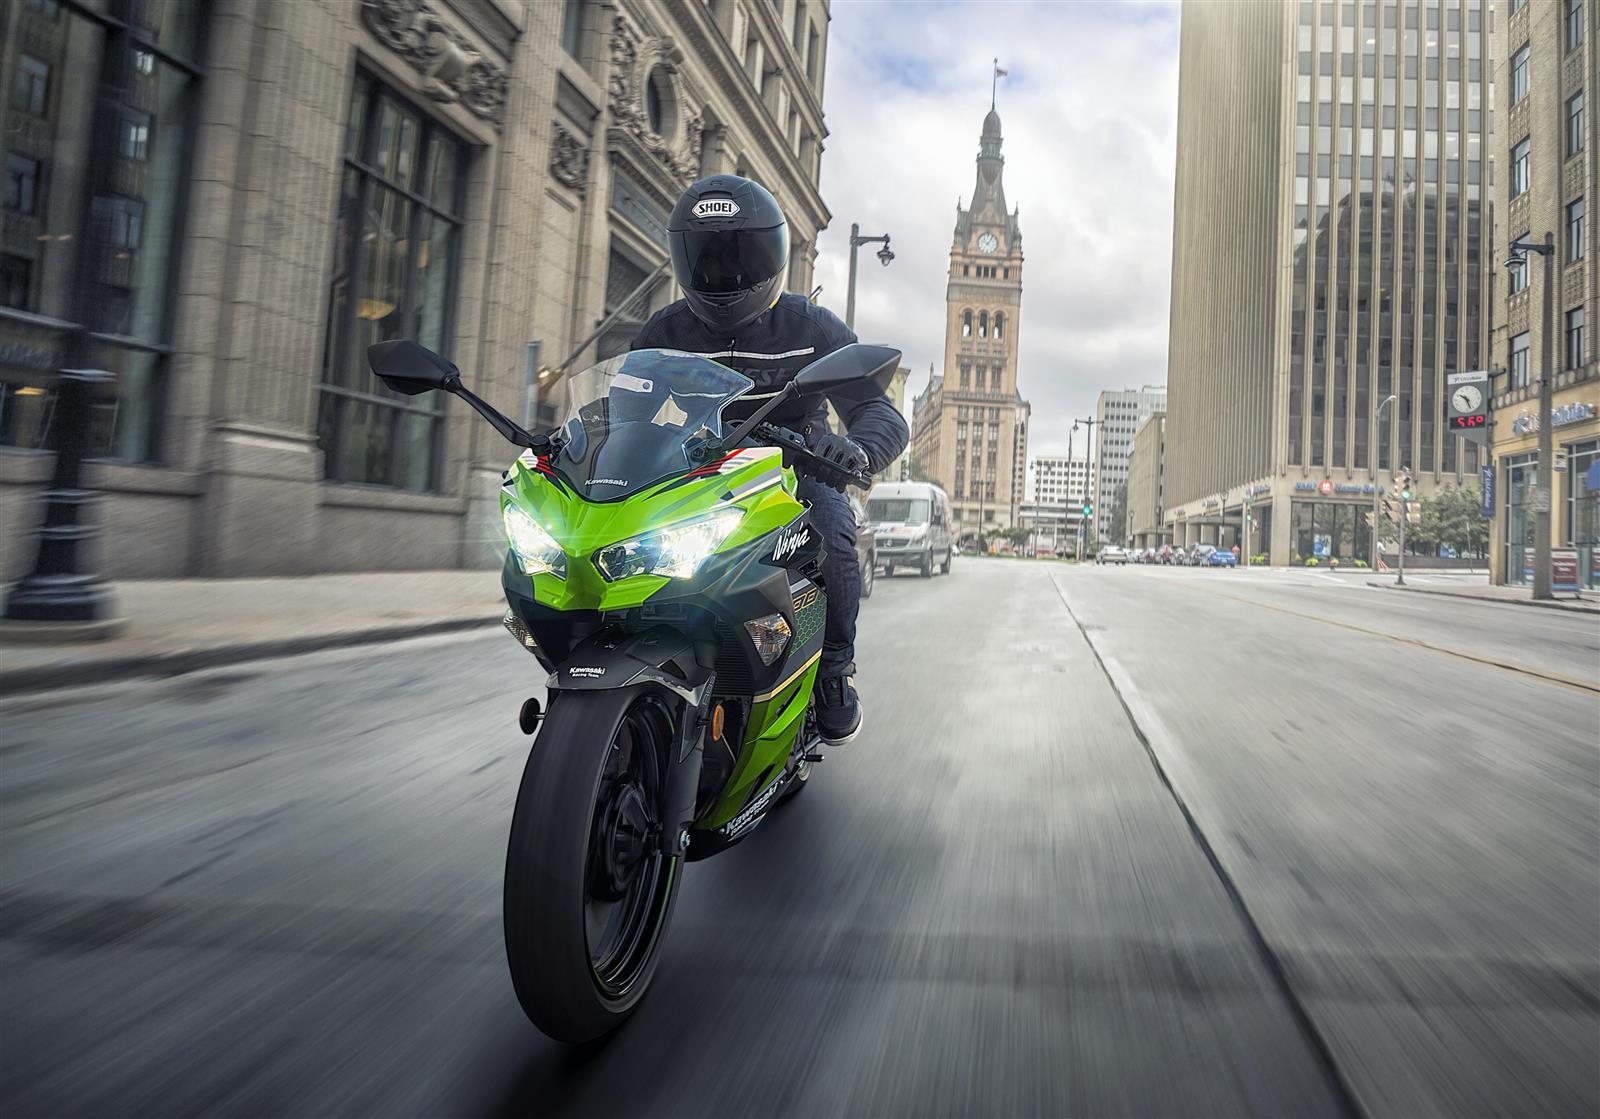 Conducción segura de la motocicleta durante COVID-19